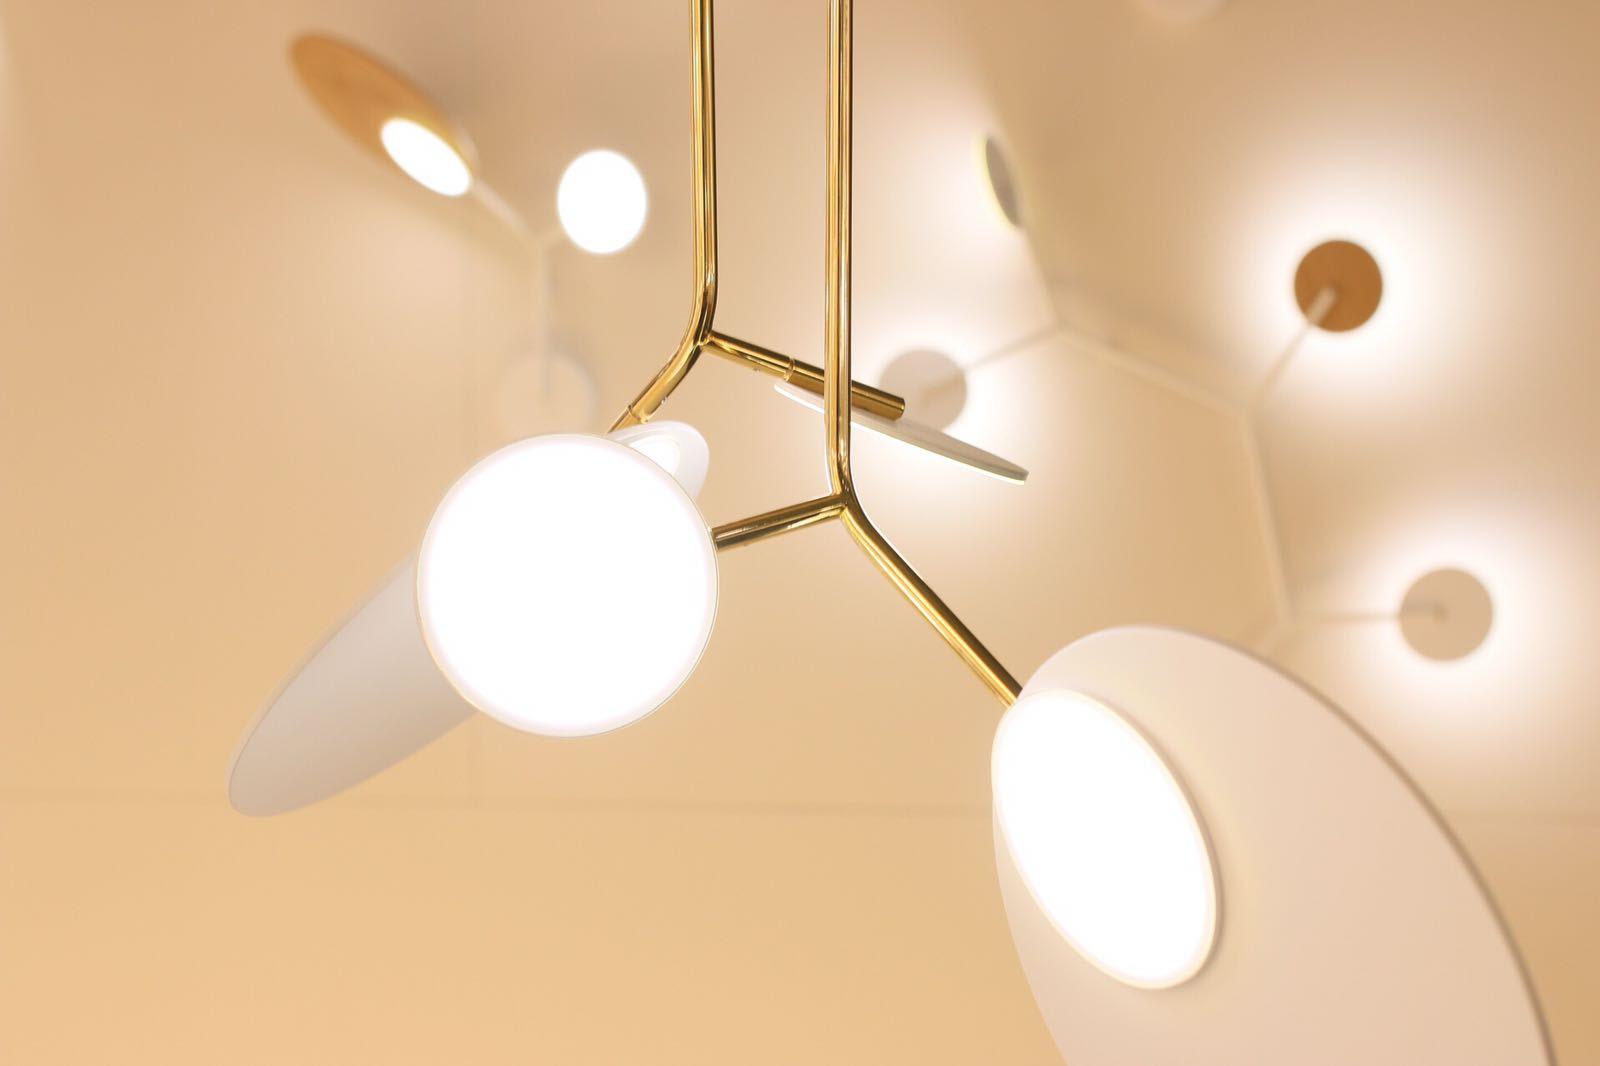 Illuminazione e tecnologia dalla finlandia » officebit: arredi e